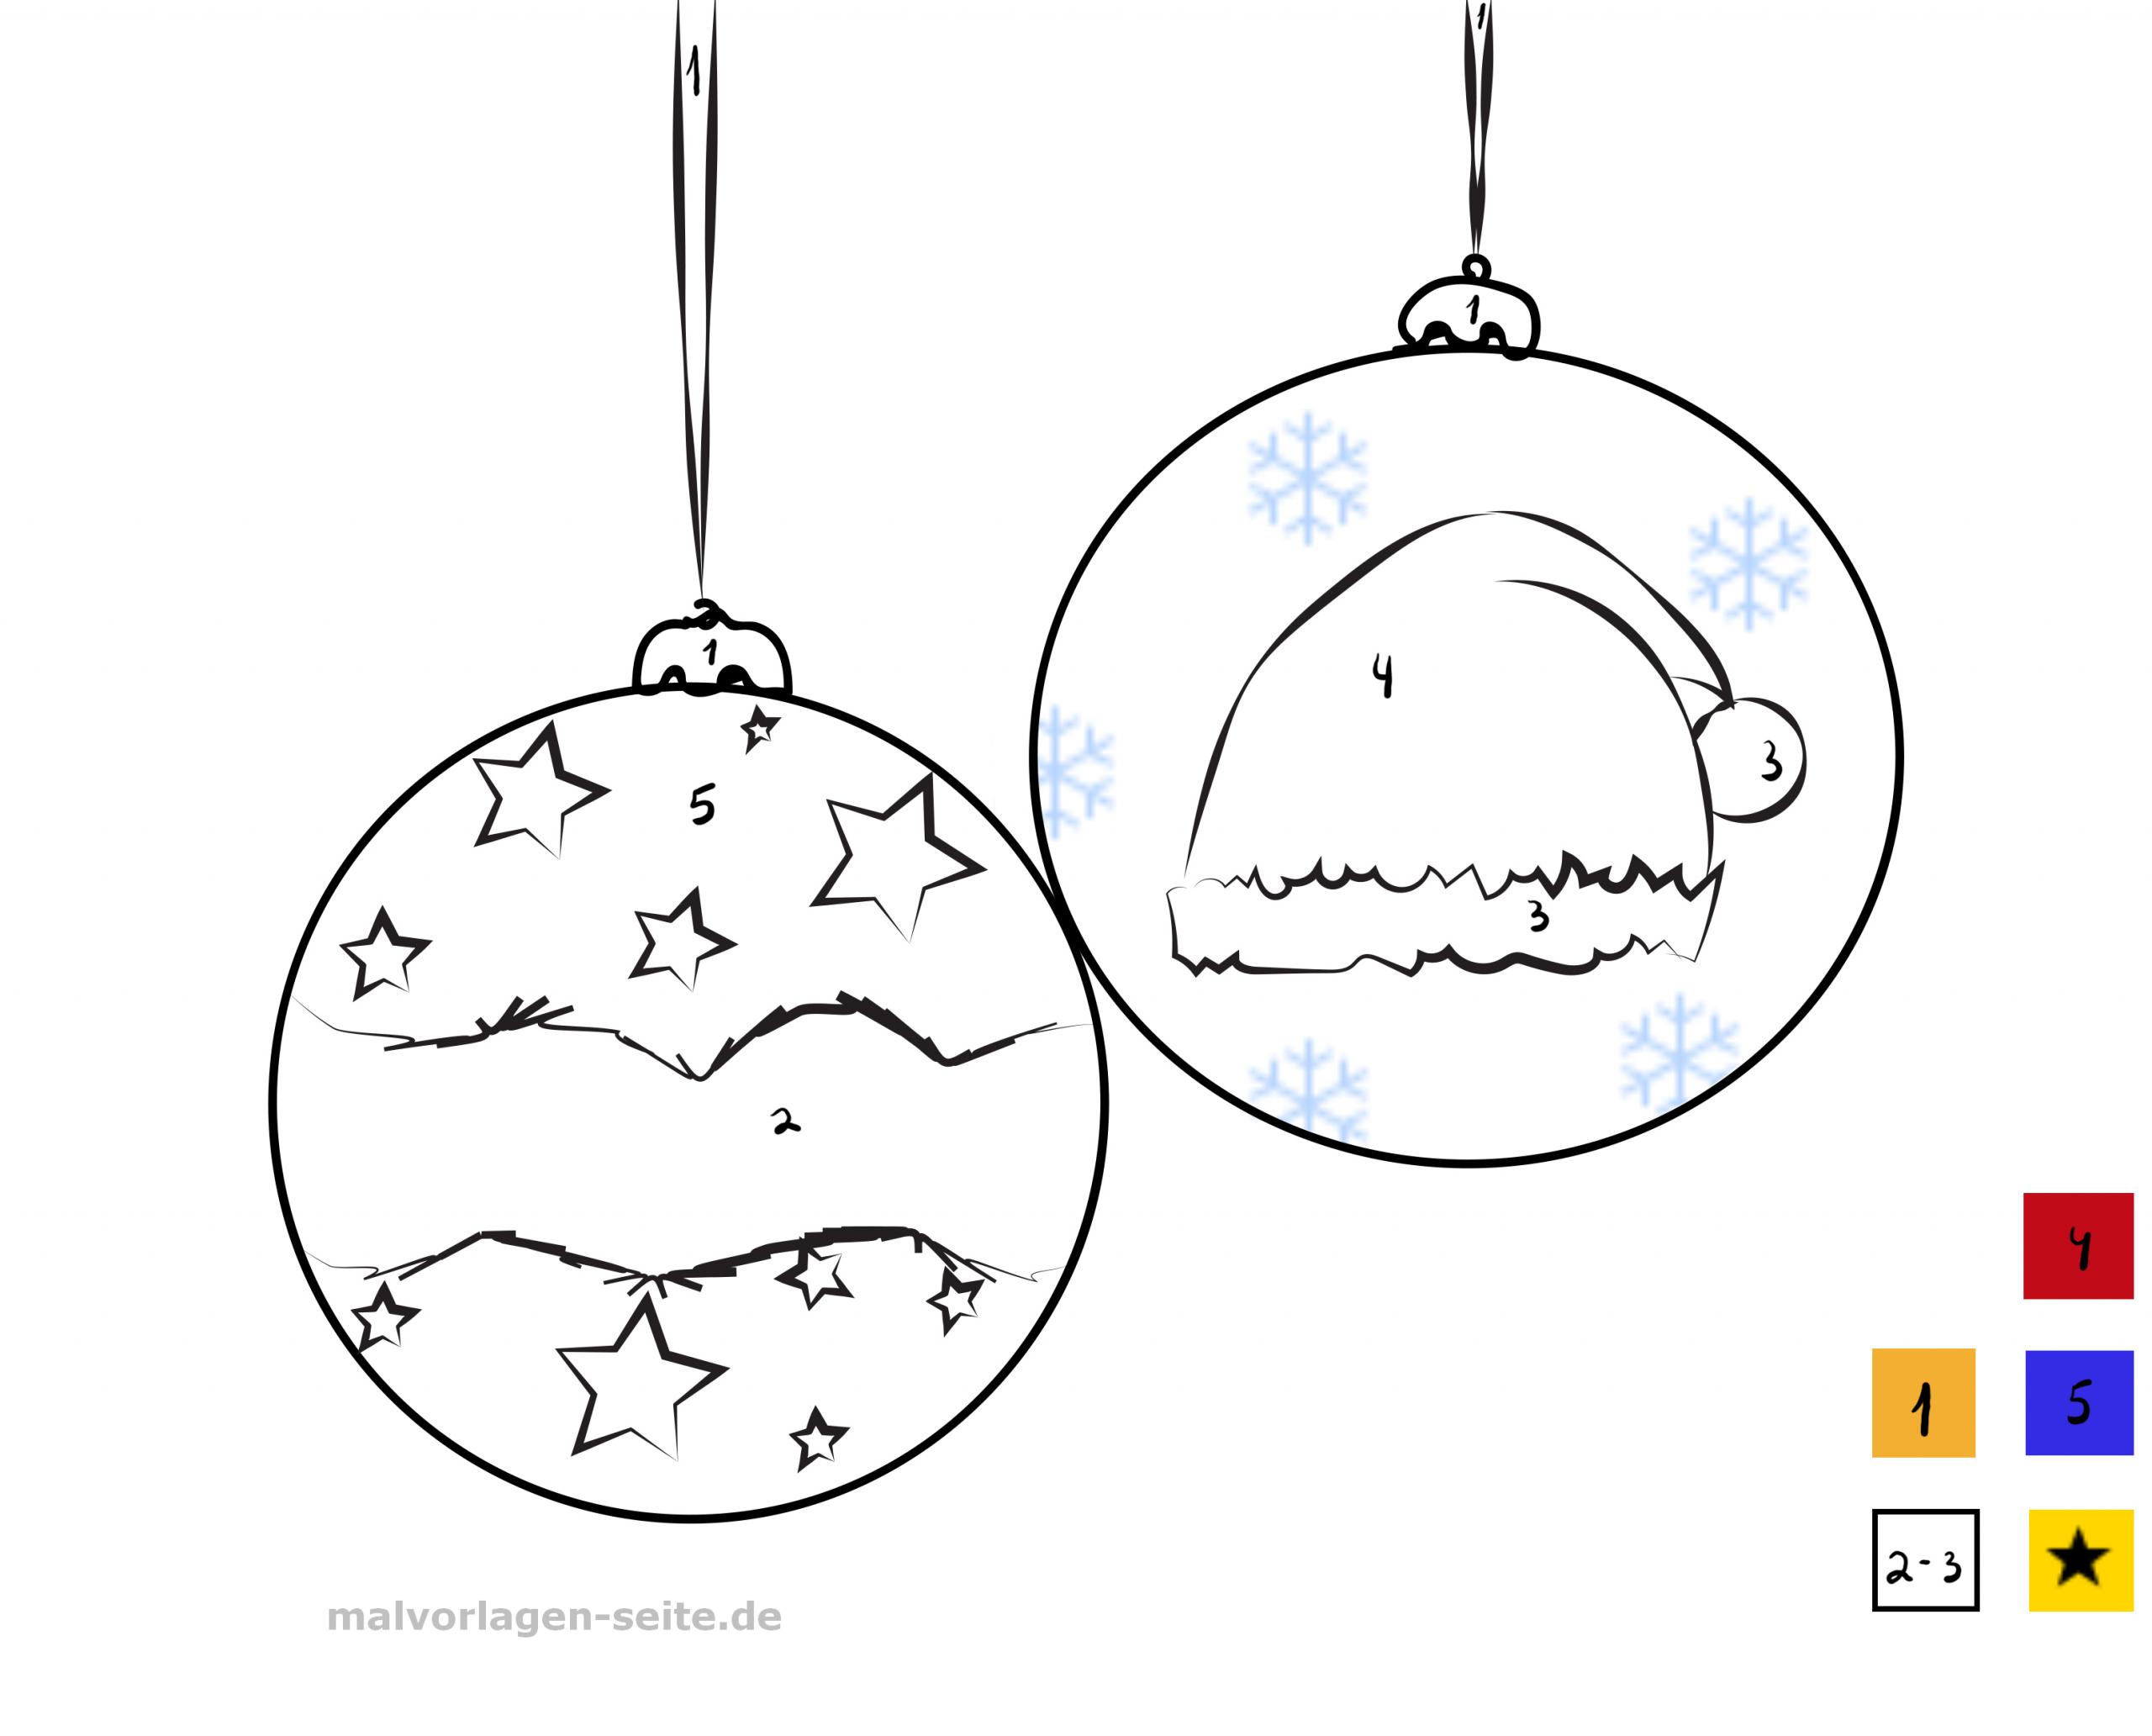 Malen Nach Zahlen - Weihnachten - Ausmalbilder Kostenlos ganzes Weihnachten Malen Nach Zahlen